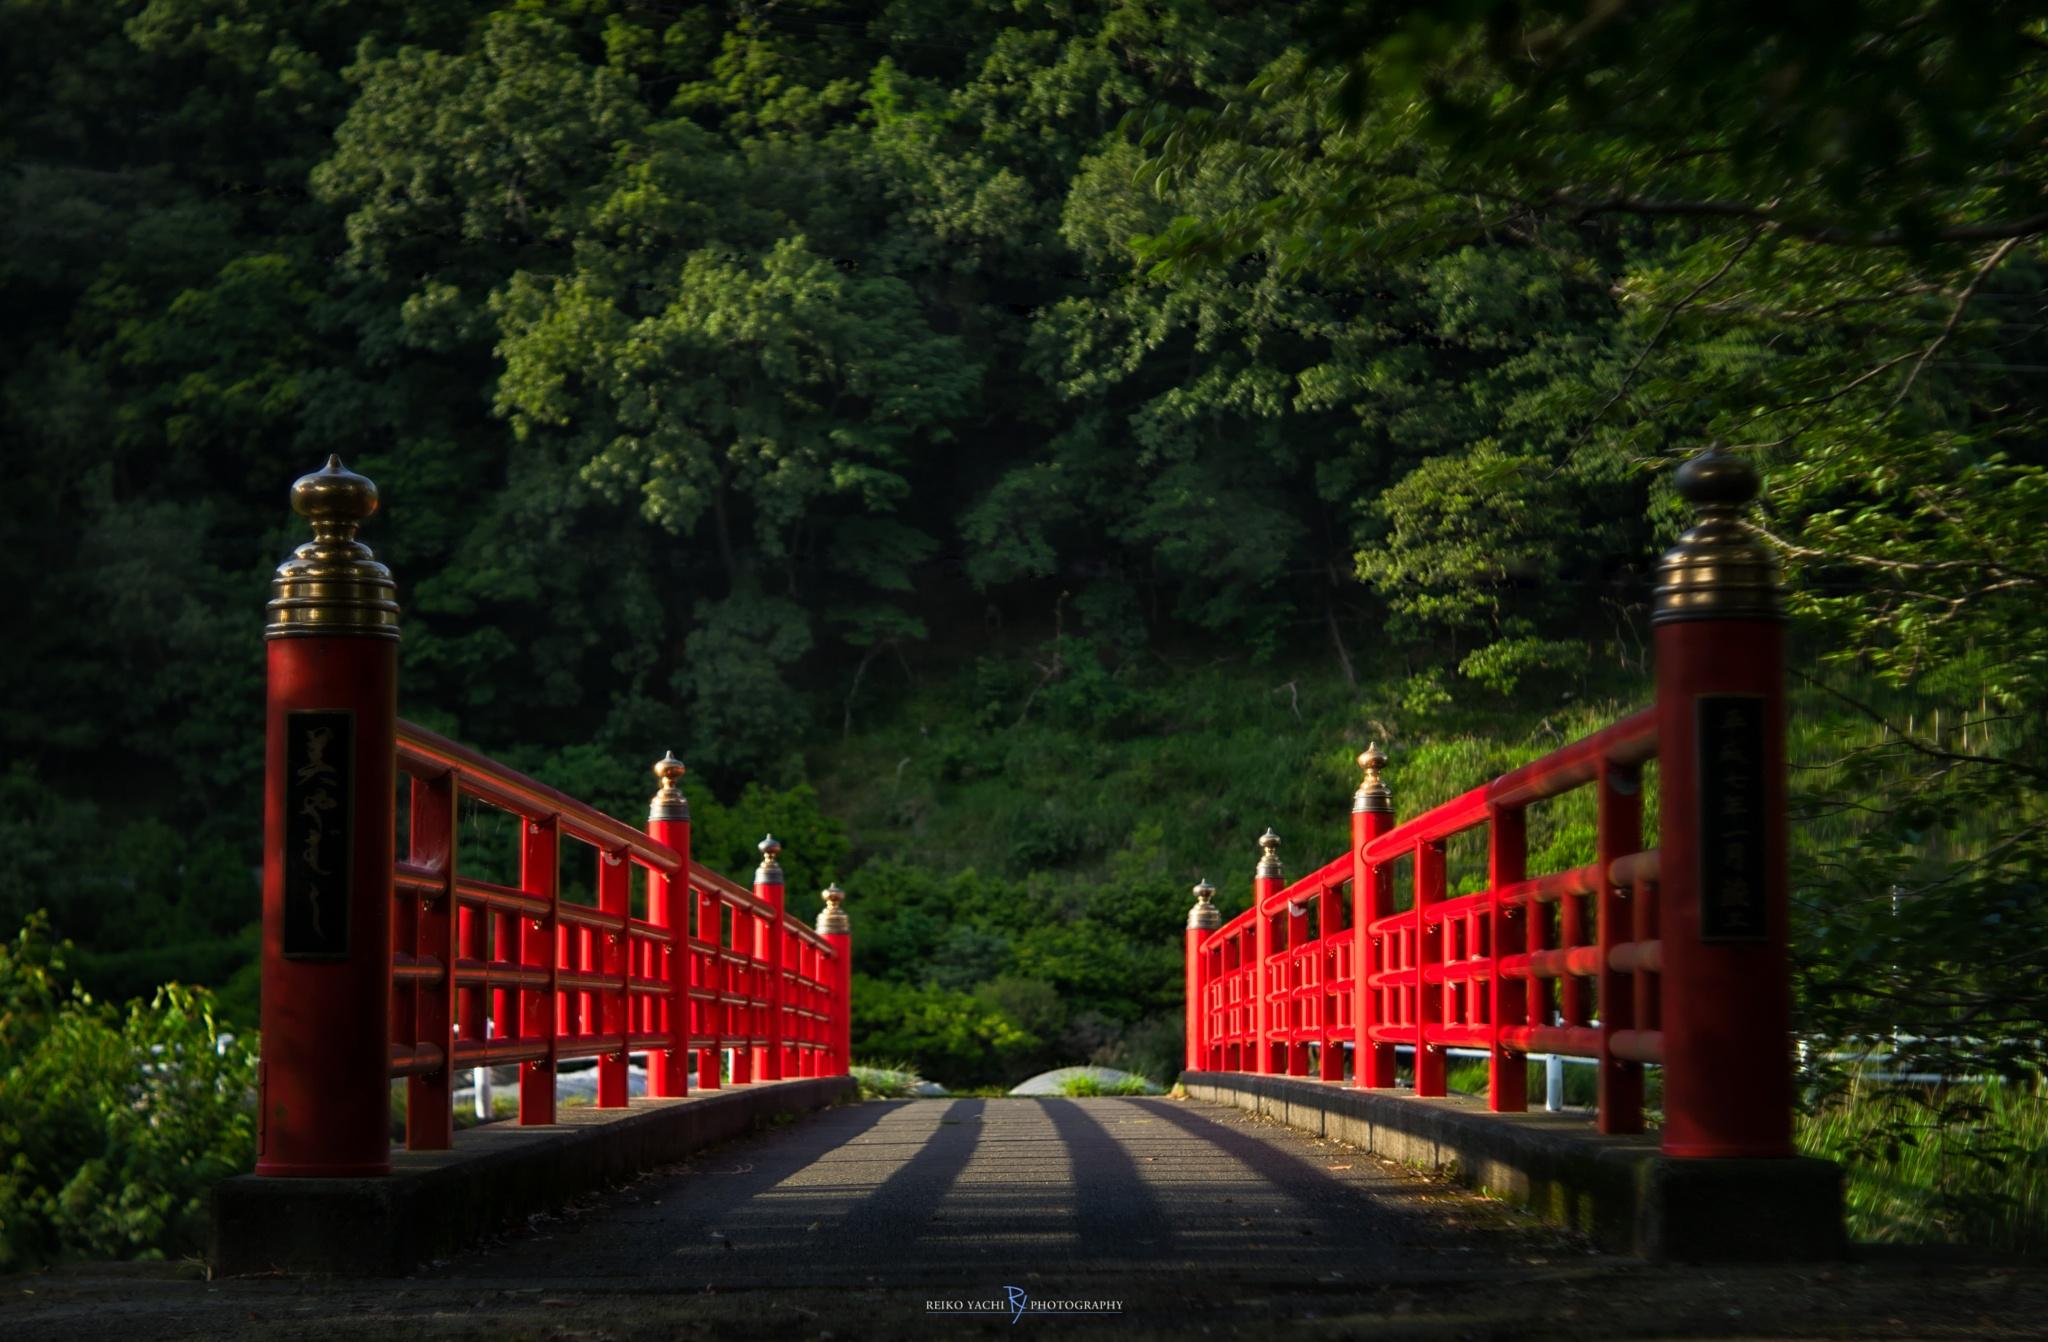 Across... by Reiko Yachi